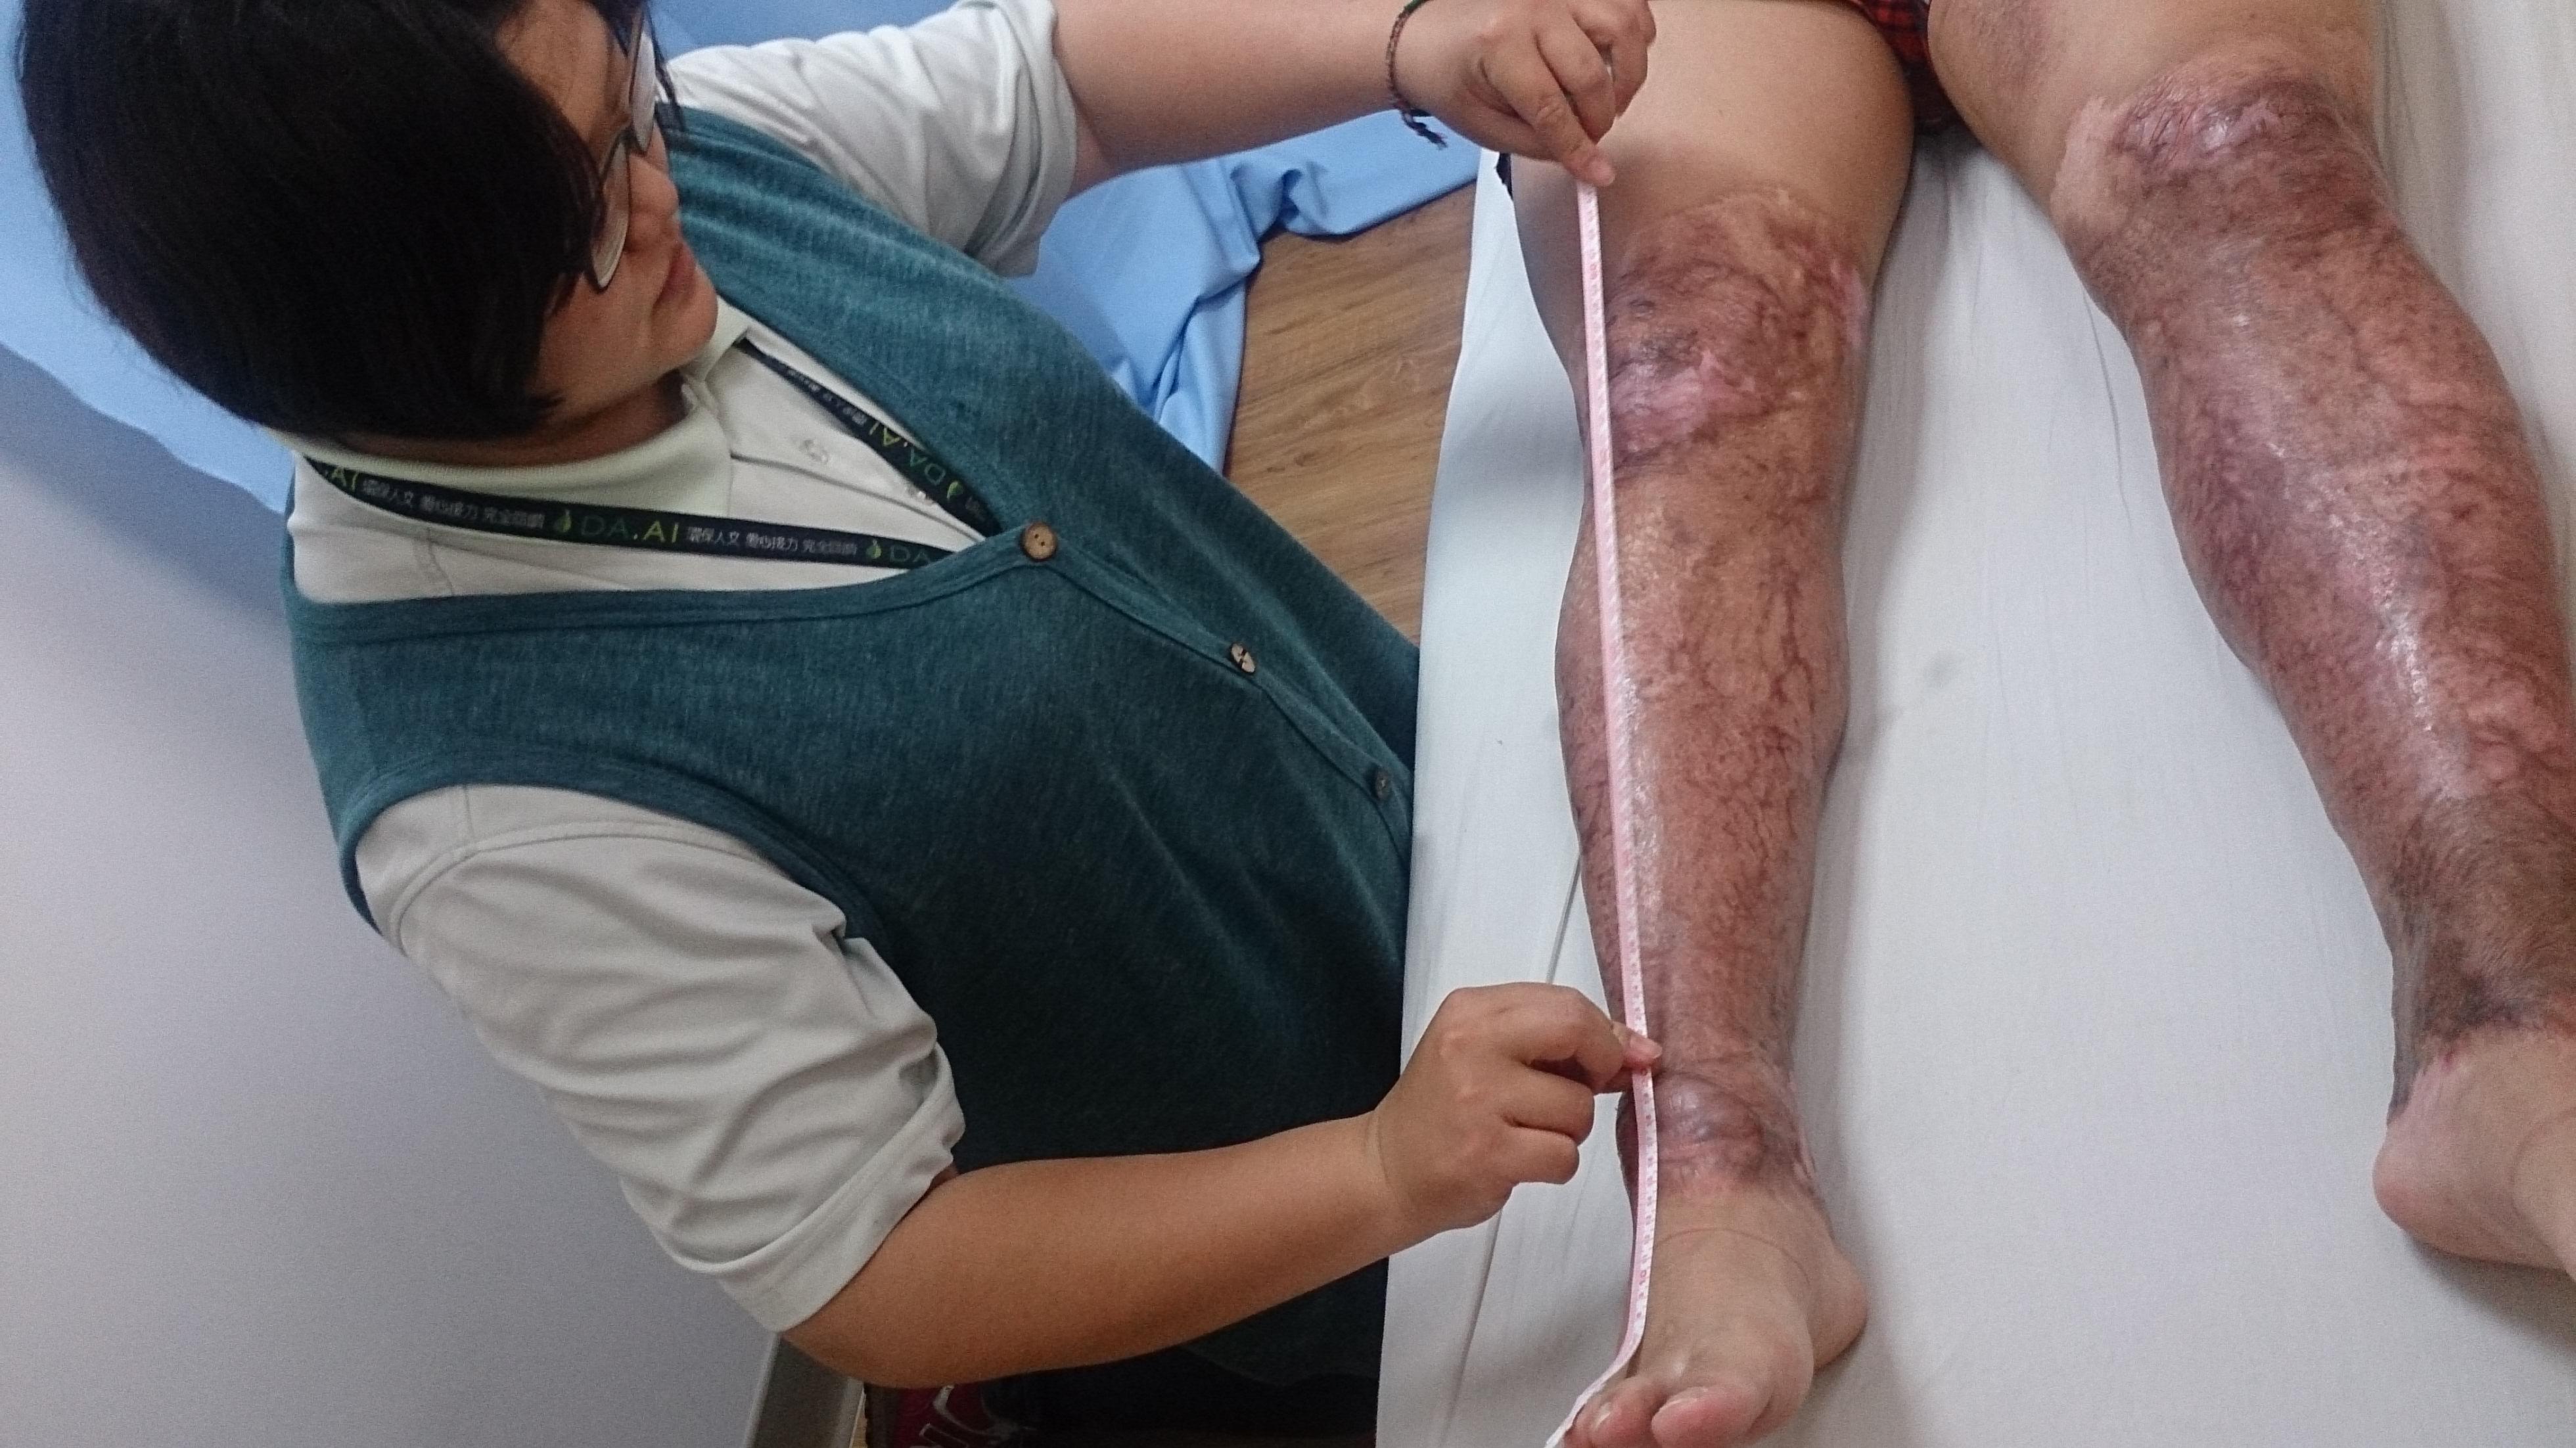 大愛感恩科技研發人員至陽光基金會量測八仙傷友紅度